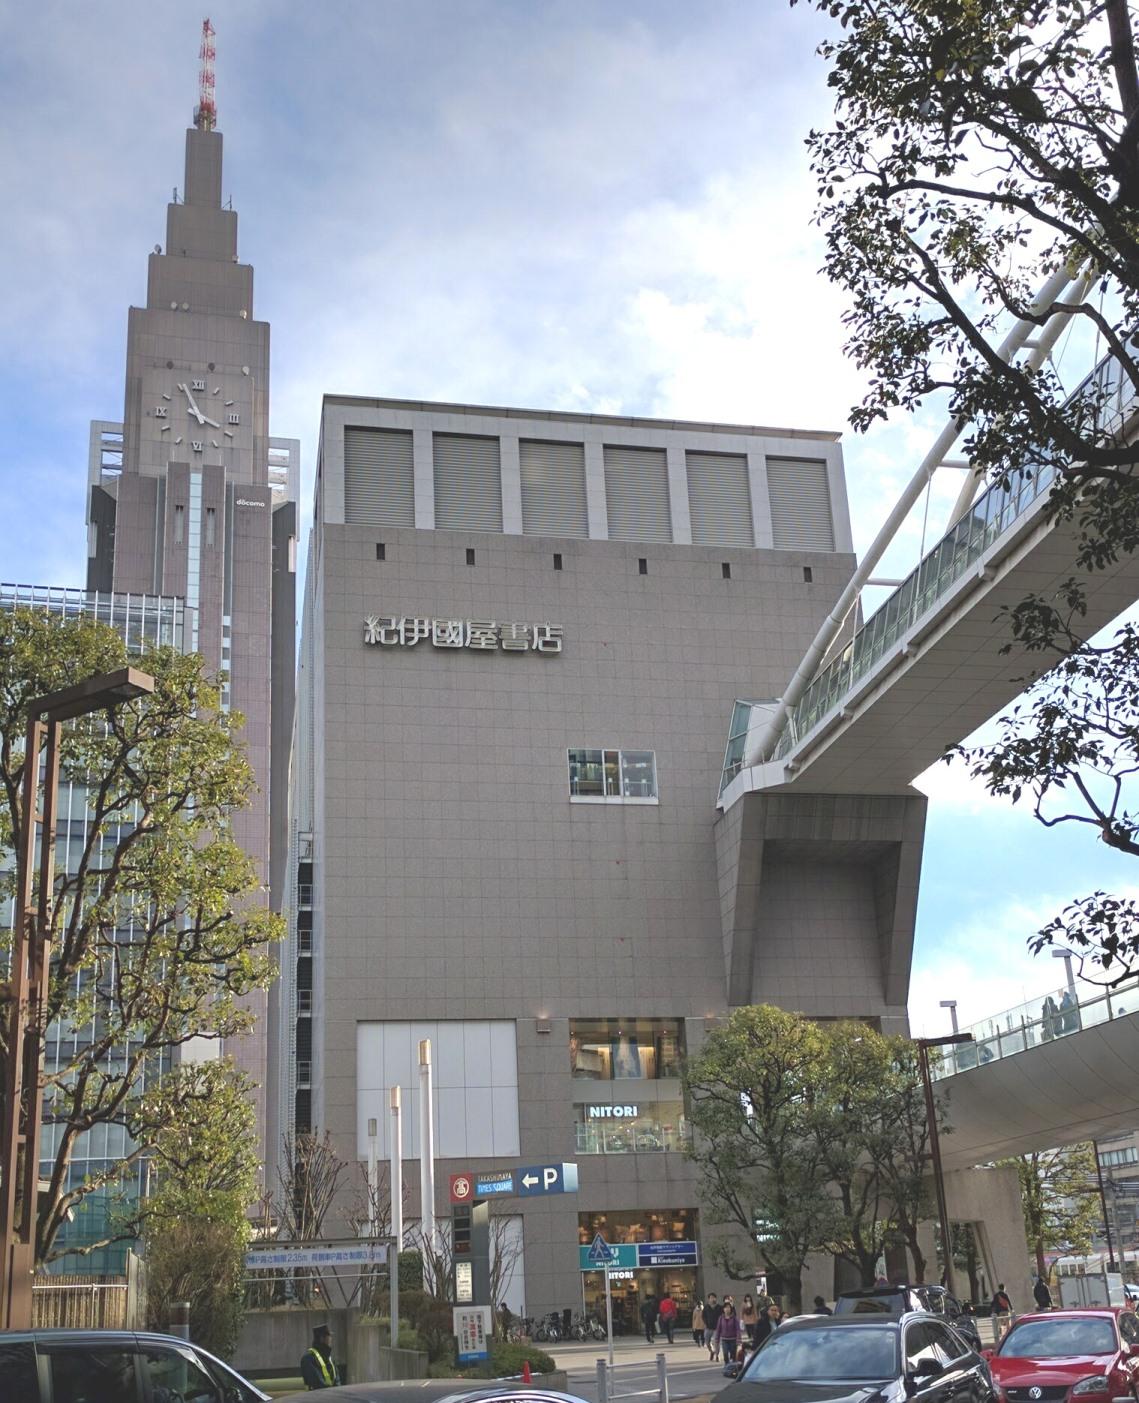 紀伊國屋書店:洋書専門店 Books Kinokuniya Tokyo @Kino_BKT フロア案内図